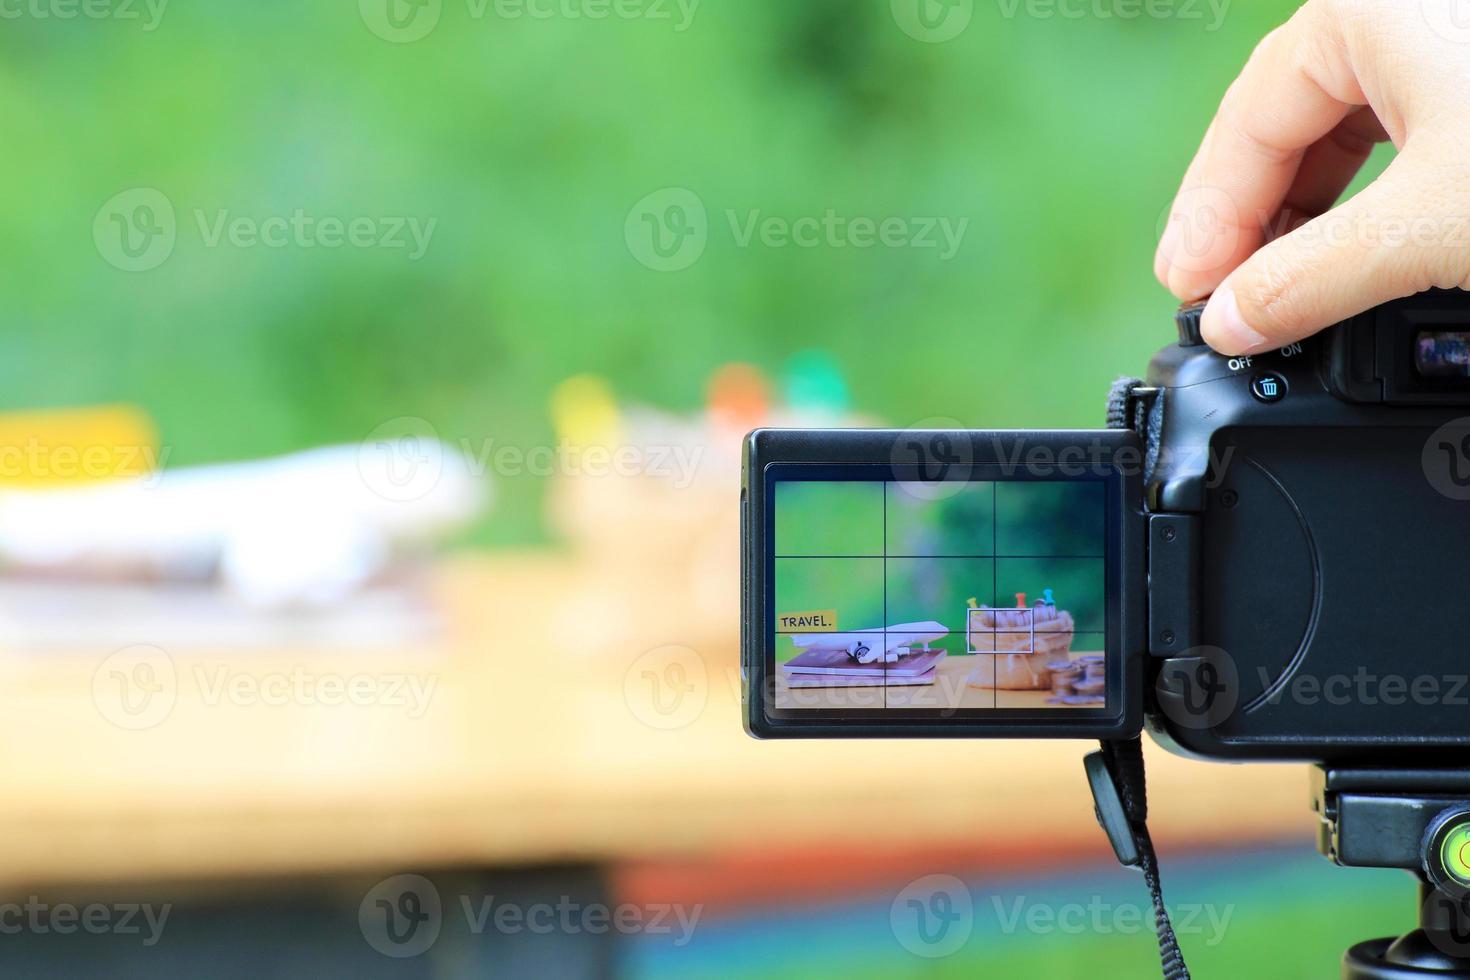 Mano con cámara digital fotografiando configuración de escritorio con aviones y sacos de dinero foto